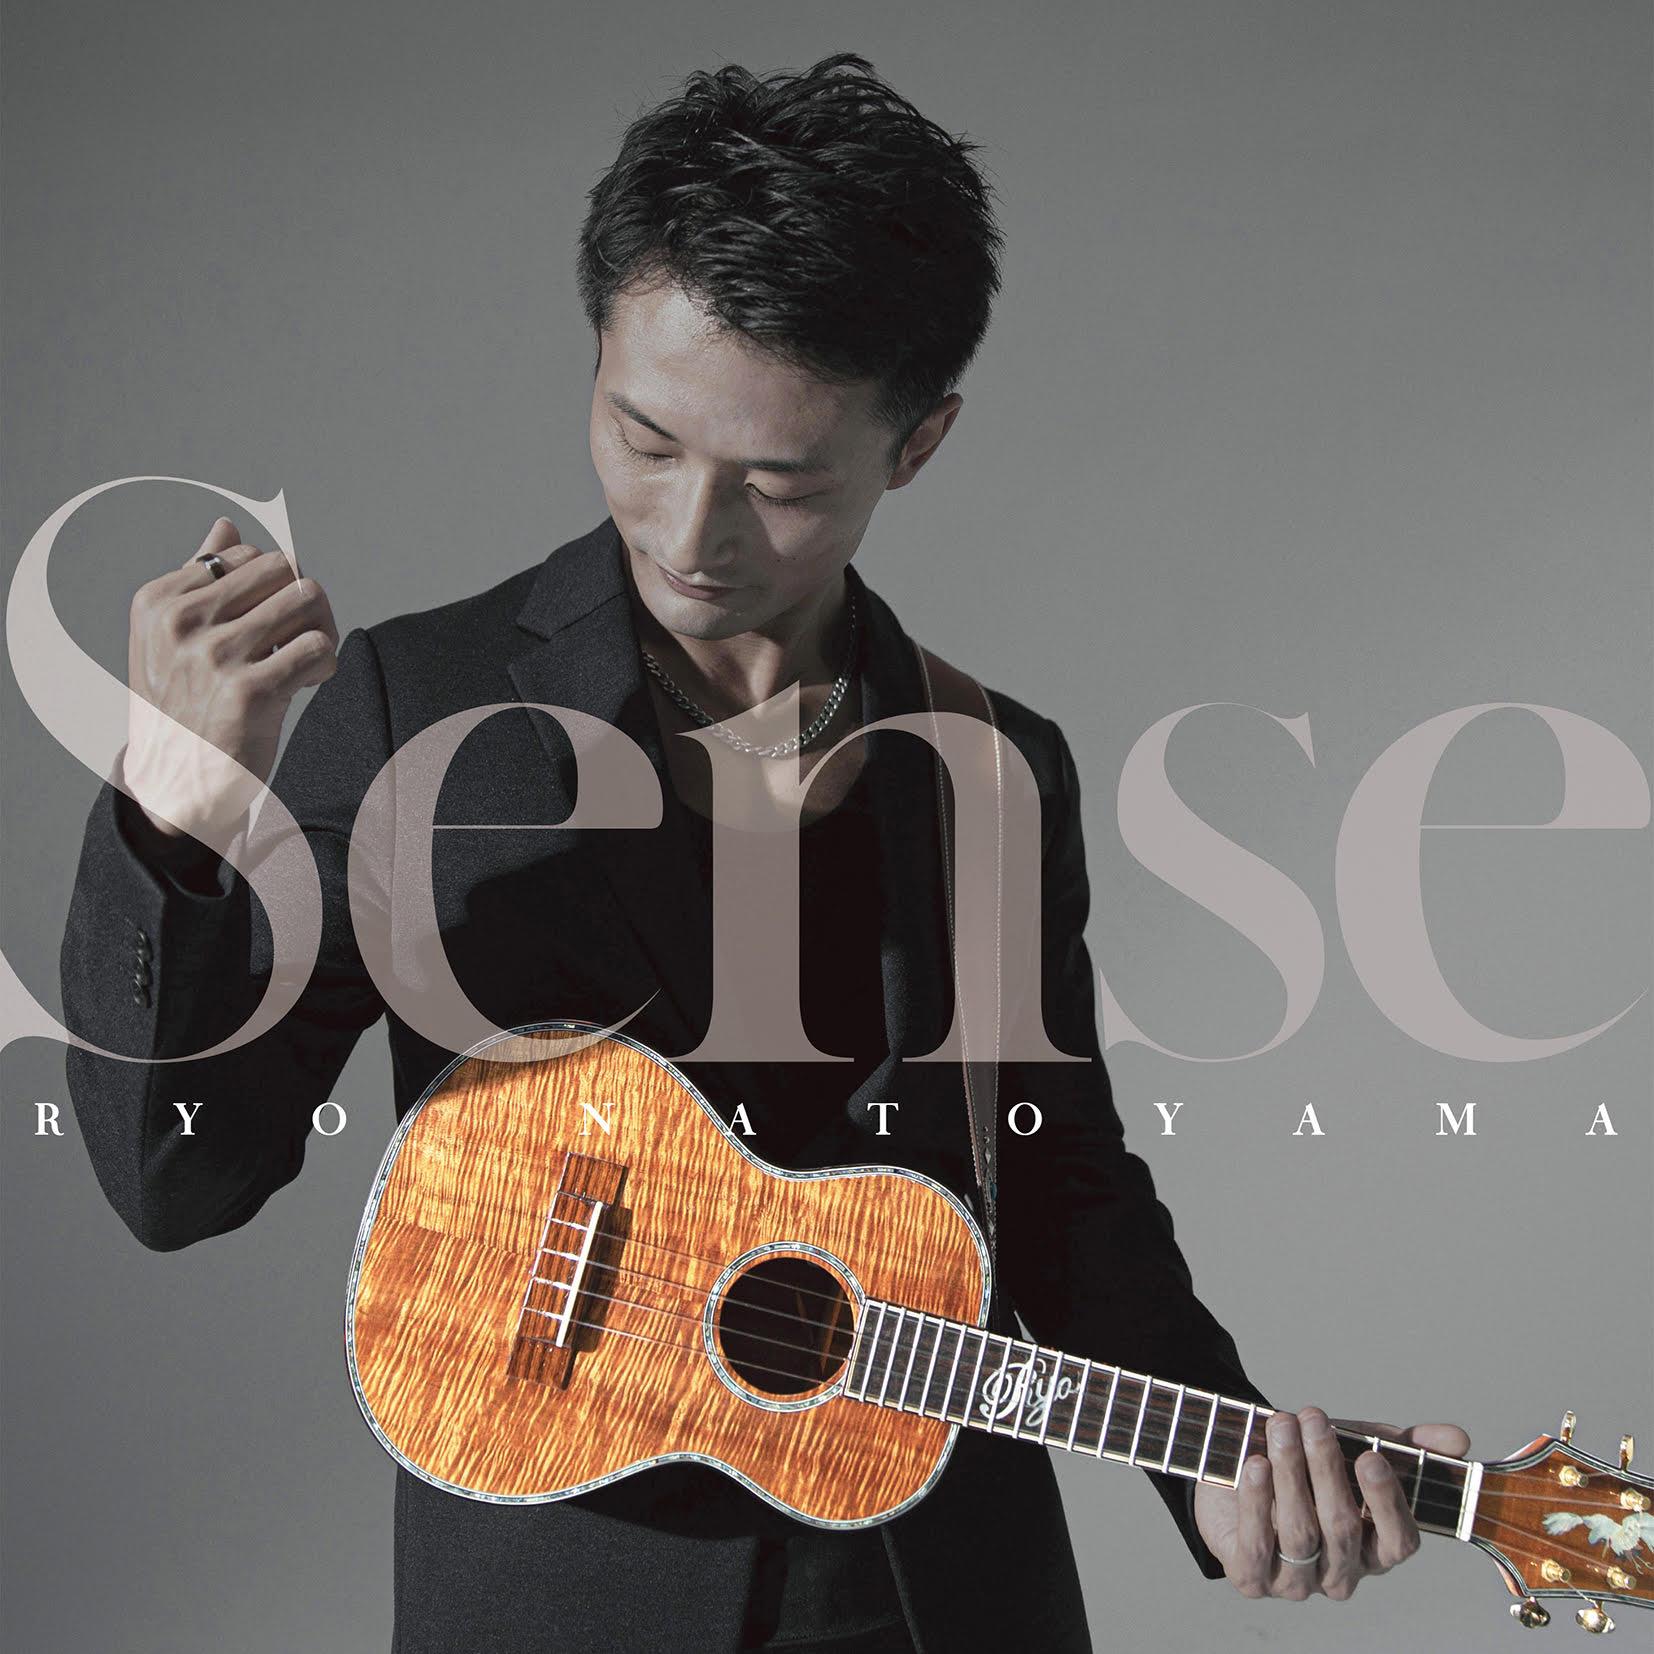 ウクレレ ・プレイヤー 名渡山遼 最新アルバム 『 Sense 』リリース & 最新ミュージックビデオ公開!